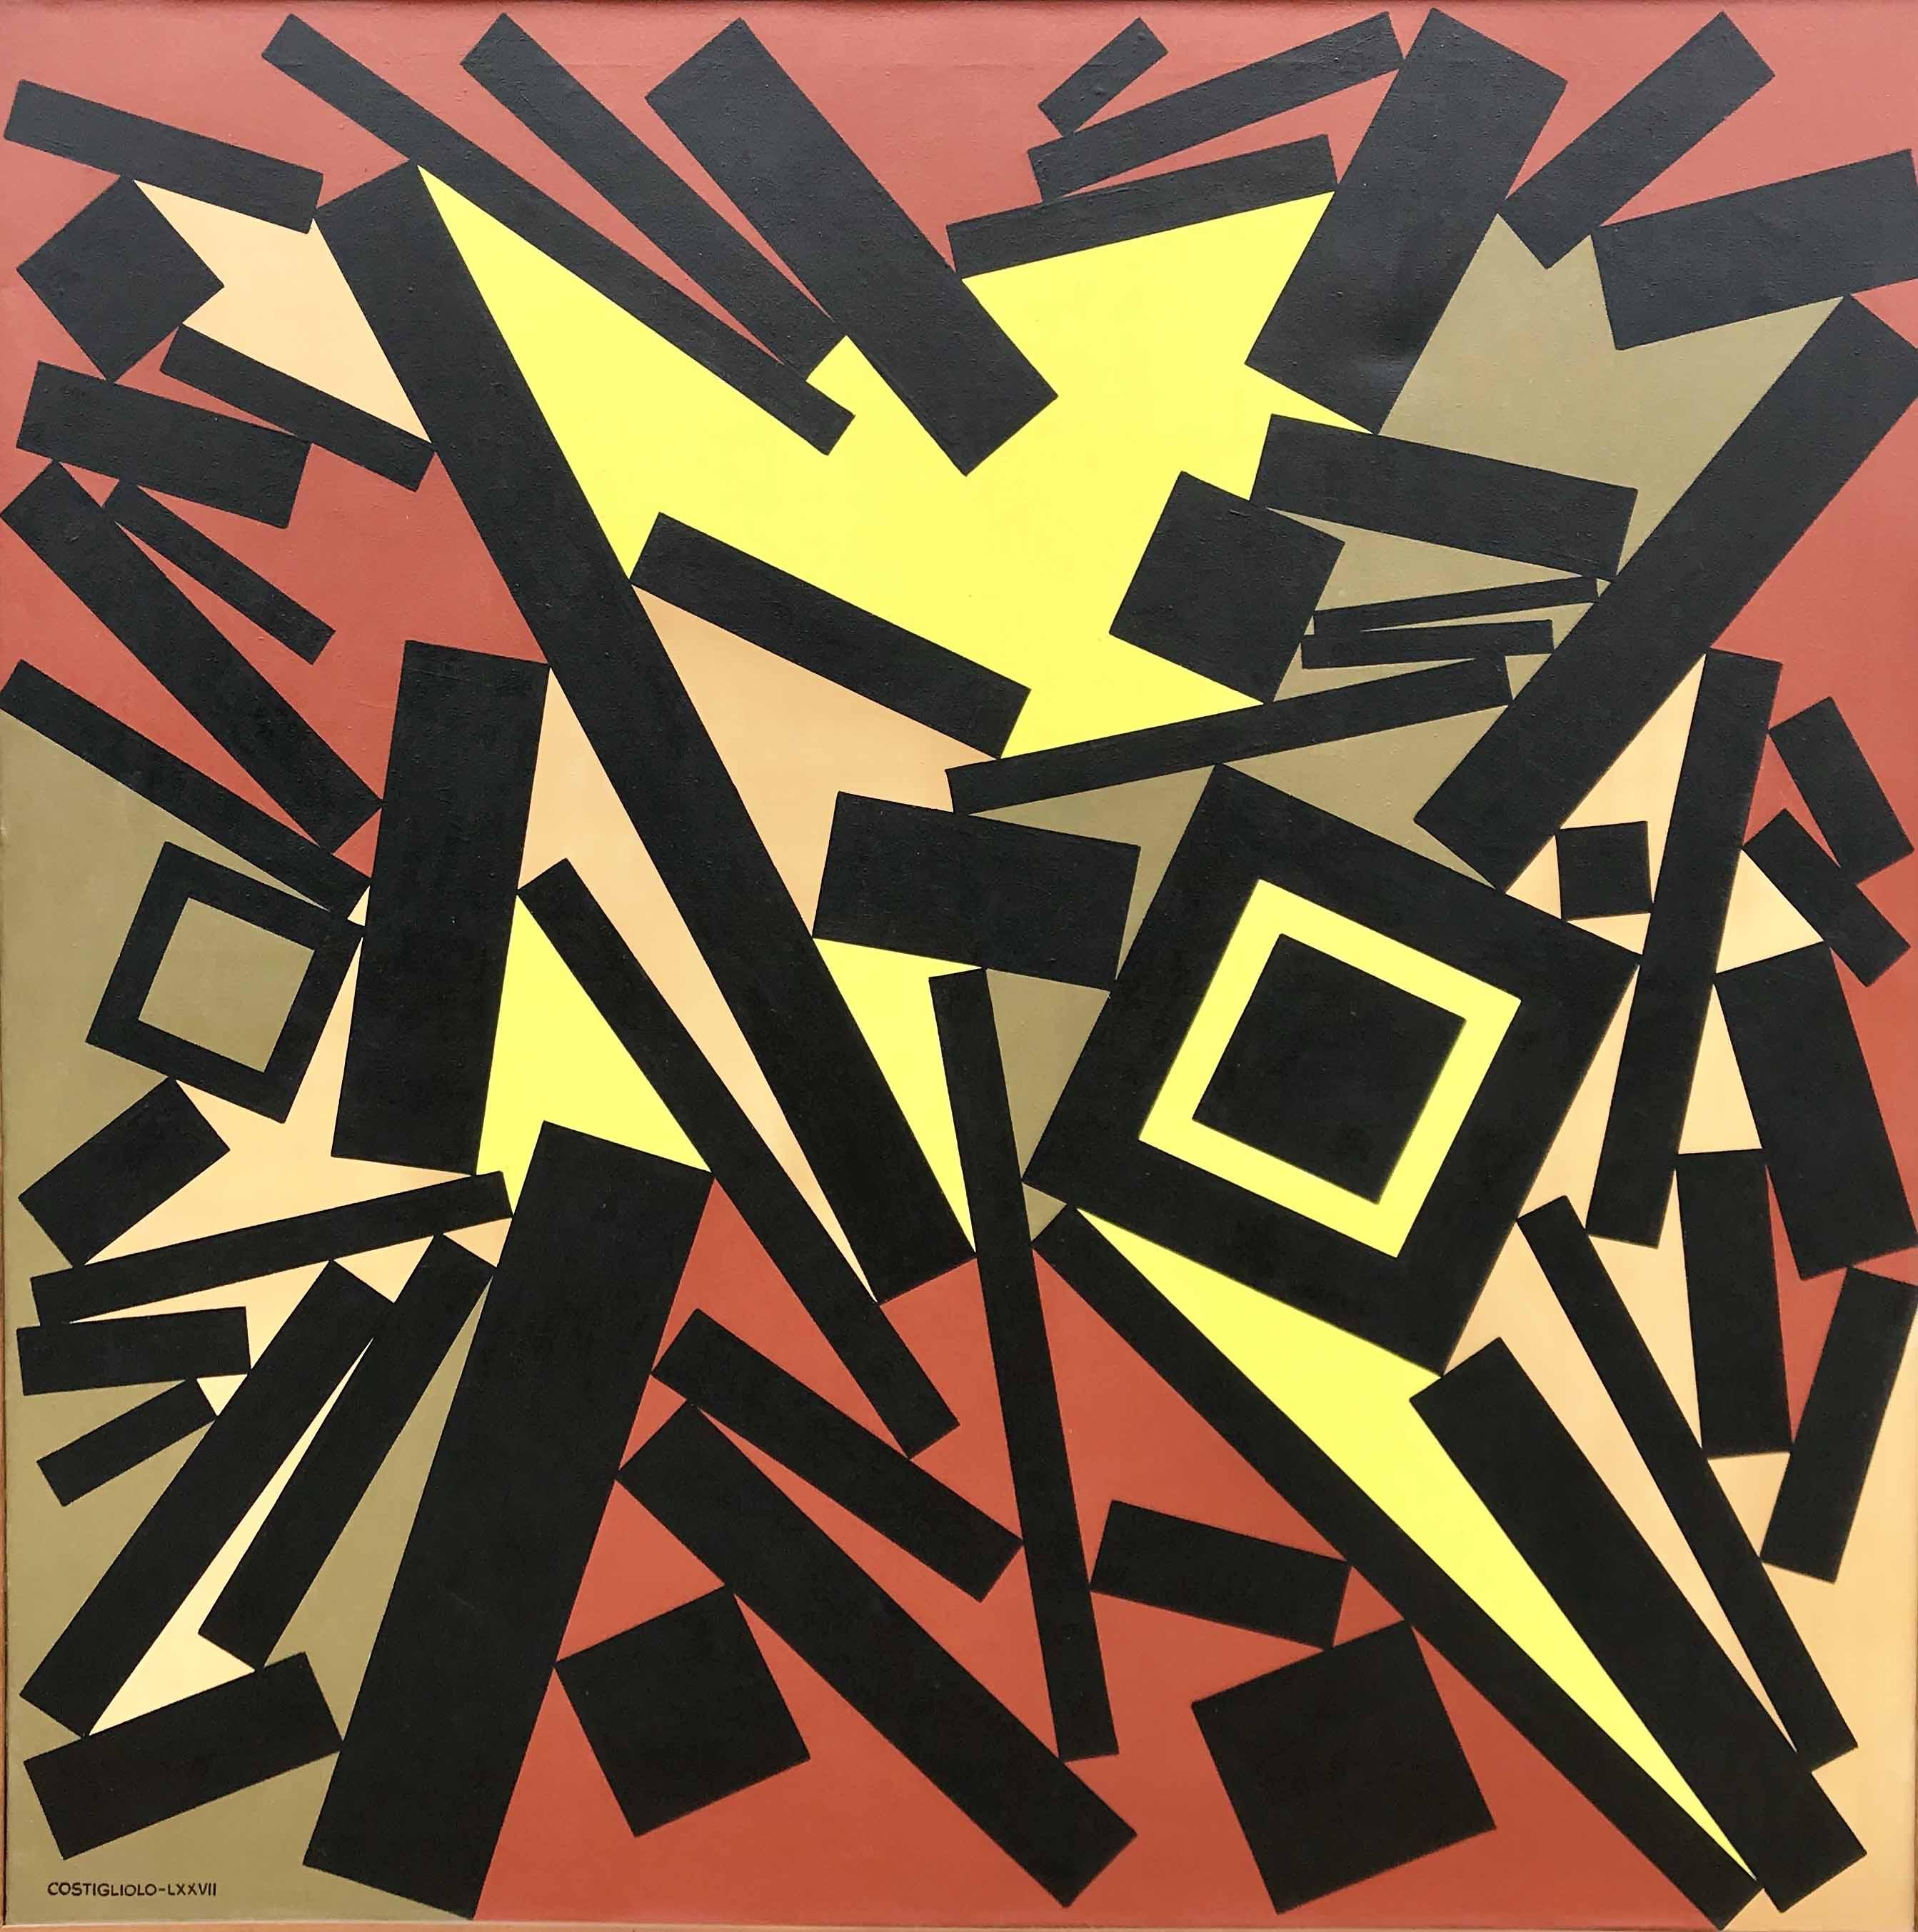 """JOSE PEDRO COSTIGLIOLO (1902 -1985) """"CUADRADOS Y RECTANGULOS CCCLXII"""" Acrílico sobre tela; 100 x 100 cm. Firmado y fechado 1977. POR CONSULTAS DE PRECIOS, CONTACTE LA GALERIA. FOR PRICE´S ENQUIRIES, PLEASE CONTACT THE GALLERY."""